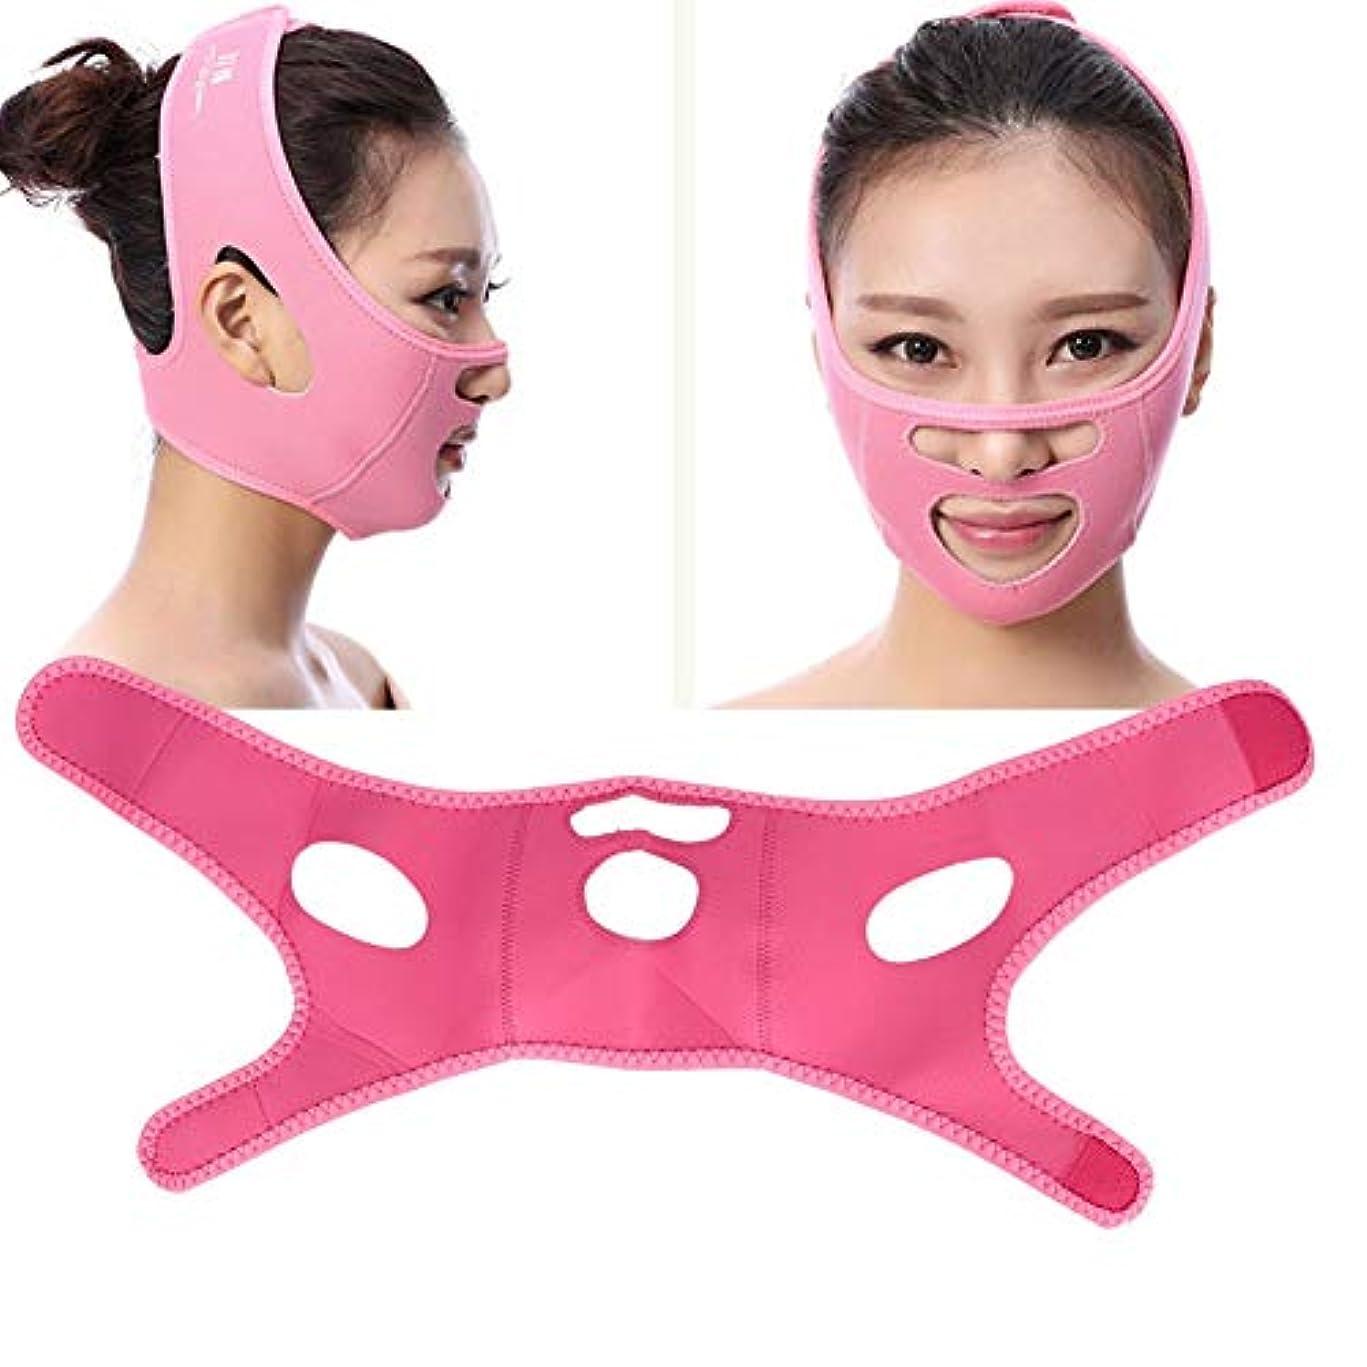 商業のライバル通訳スリミングマスク - V字型マスク、フェイスマスクV型 - 首とあごを持ち上げるため、アンチエイジング、しわを軽減